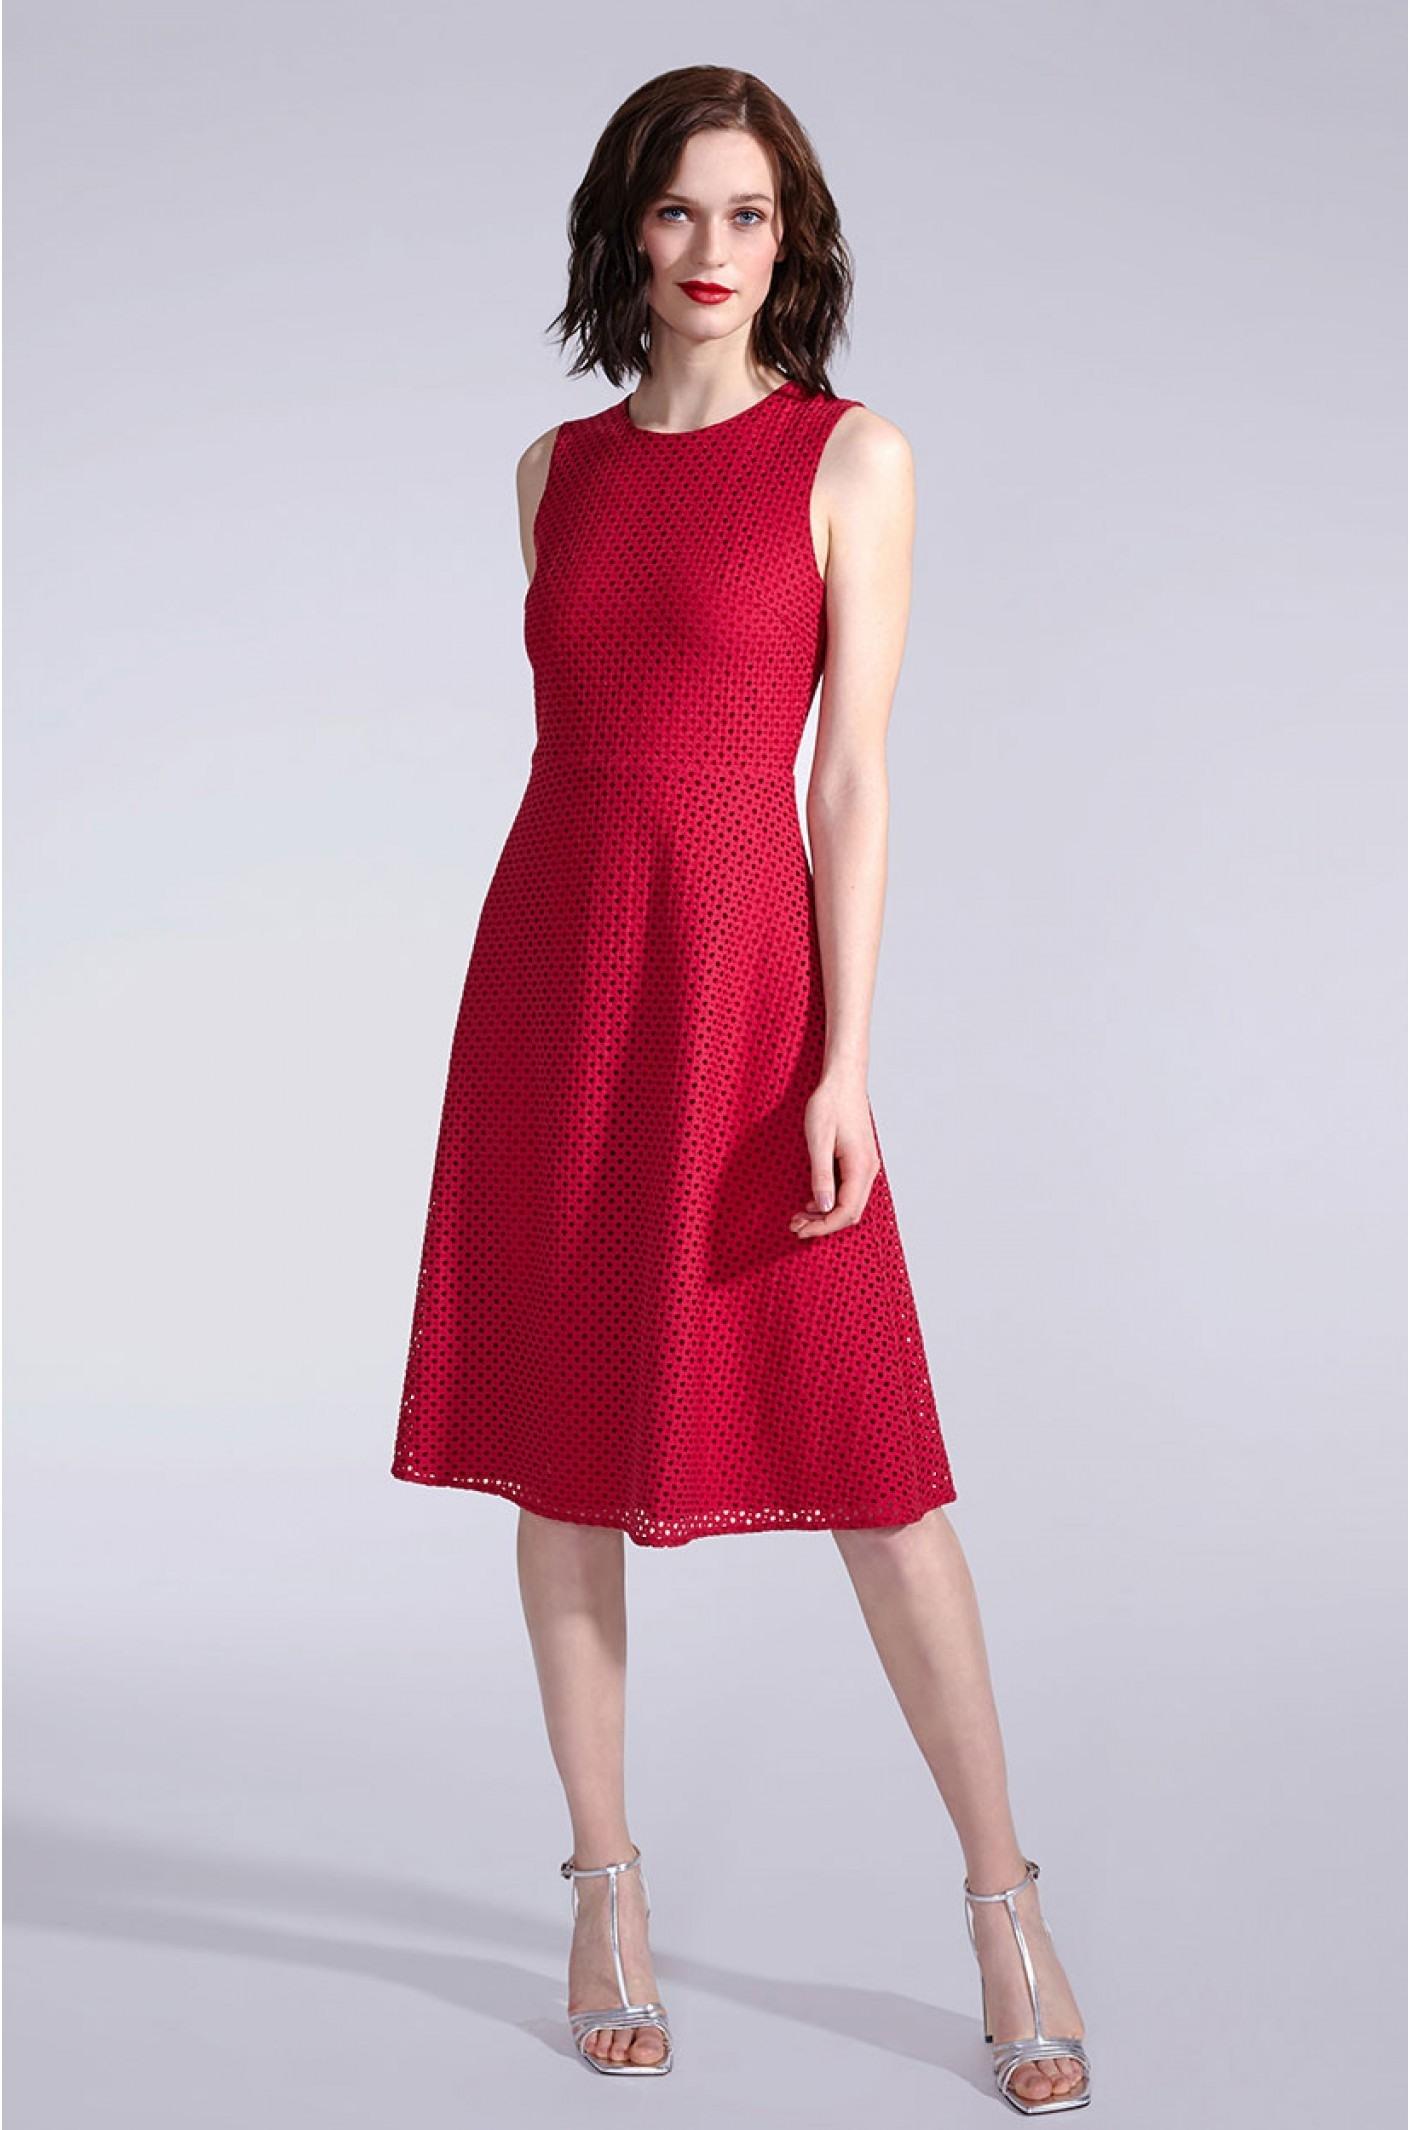 17 Genial Kleid Mittellang Bester Preis17 Großartig Kleid Mittellang Stylish